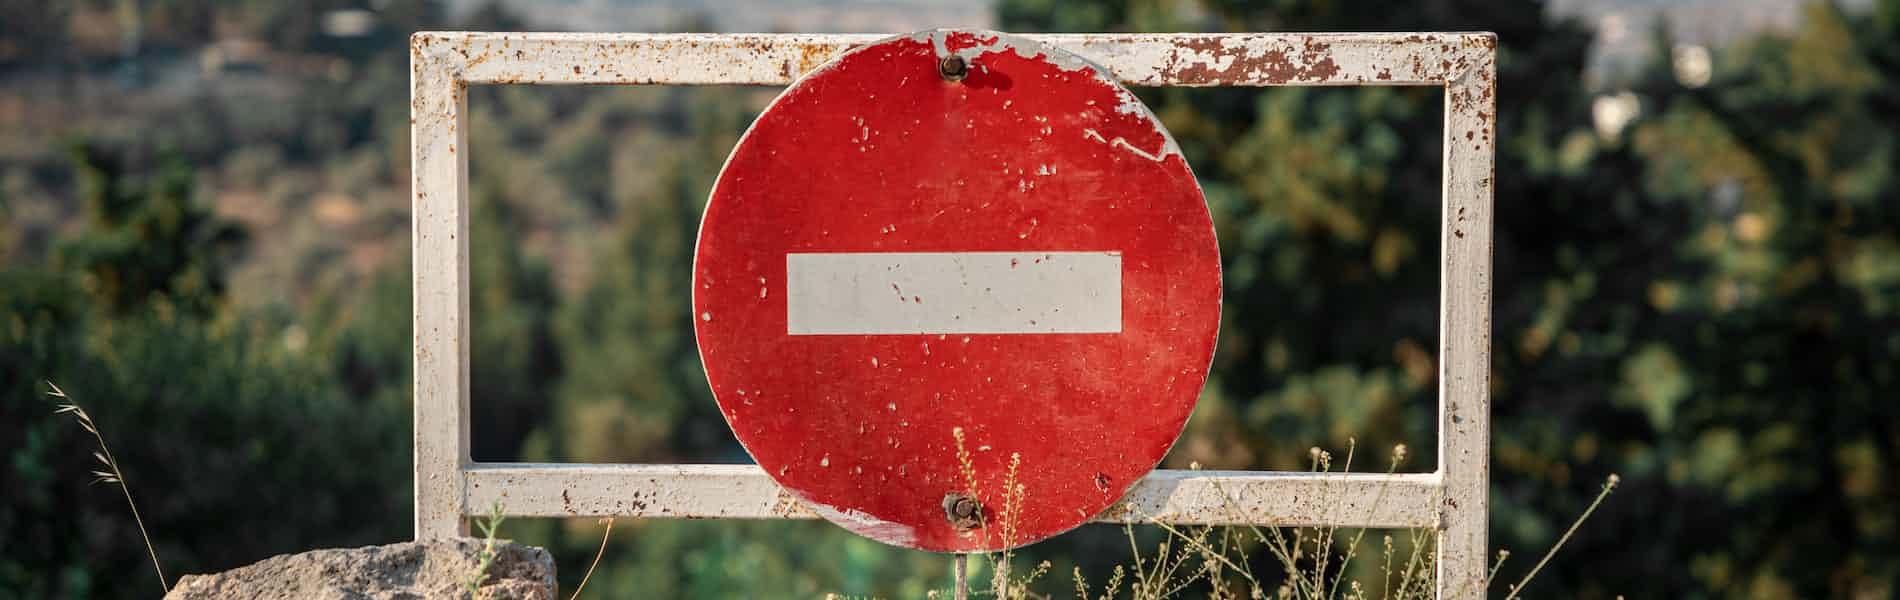 אנליטיקאים שביצעו חציית גבולות מיניים: מקרה אבוד? סקירת מאמרם של גלן גבארד ואנדראה סלנזה